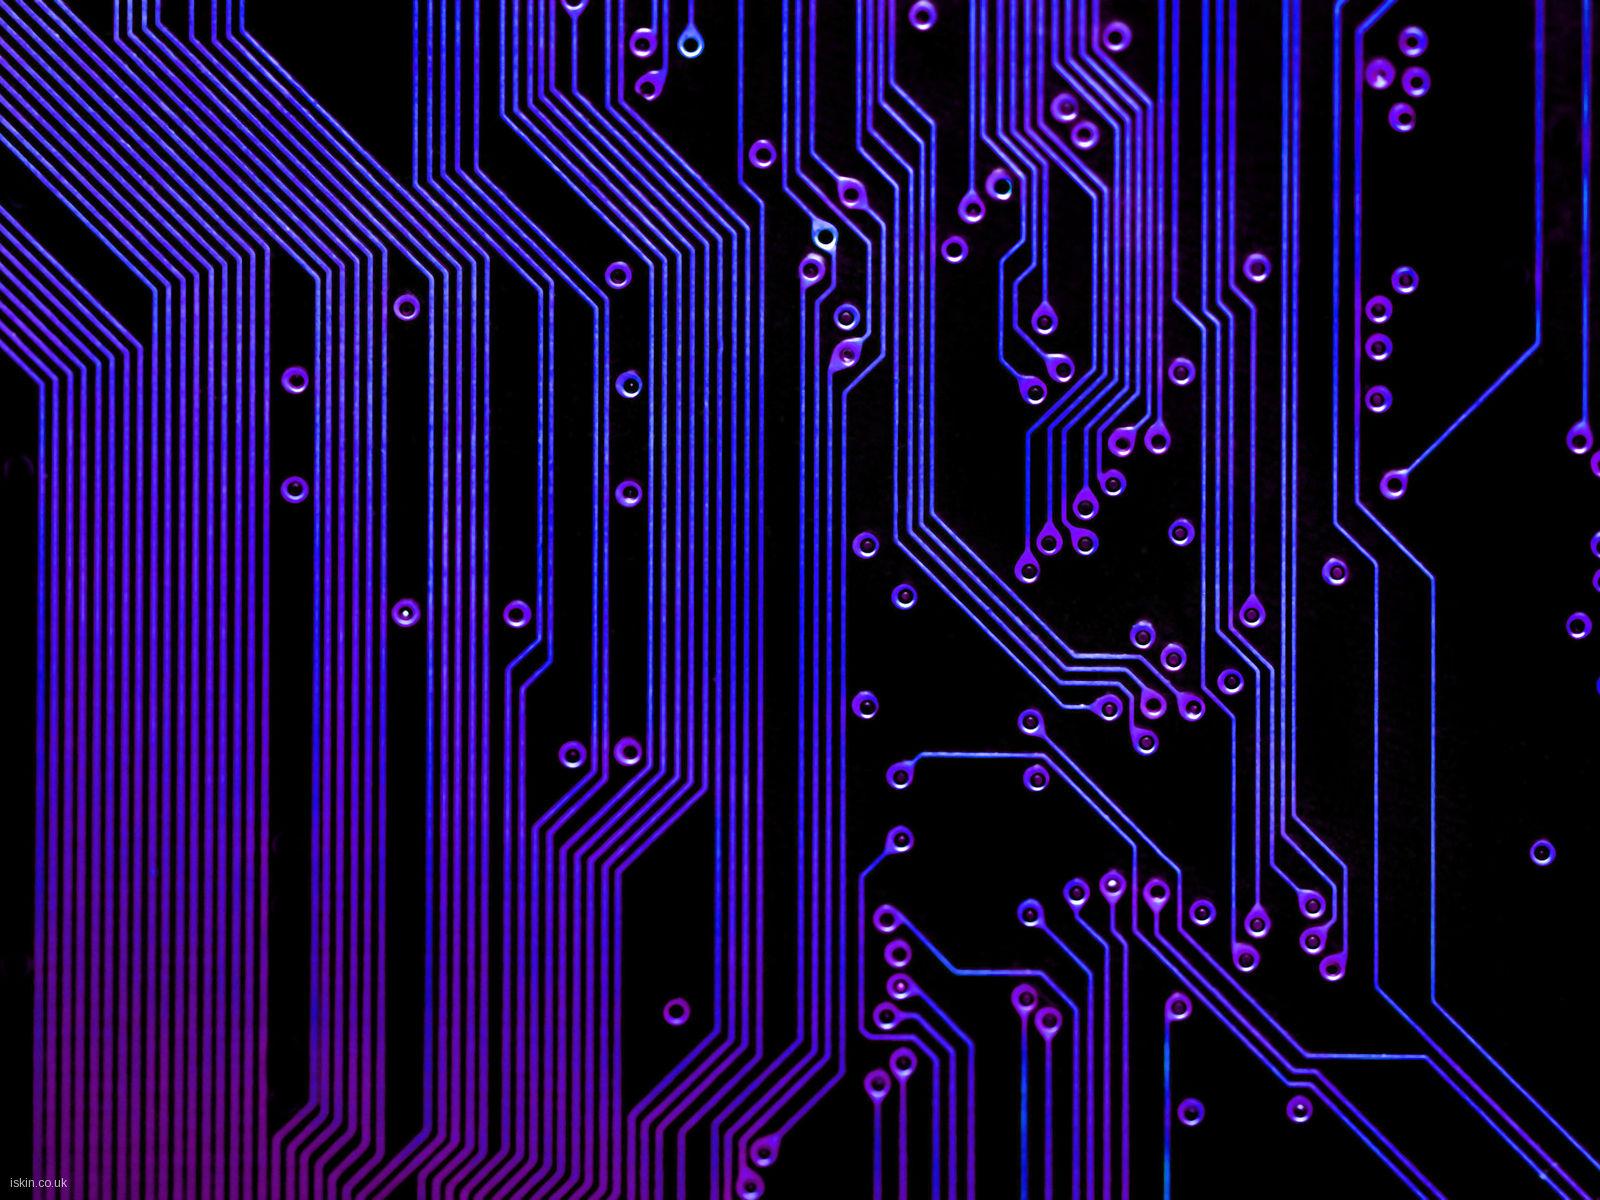 printed circuit board Desktop Wallpaper iskincouk 1600x1200